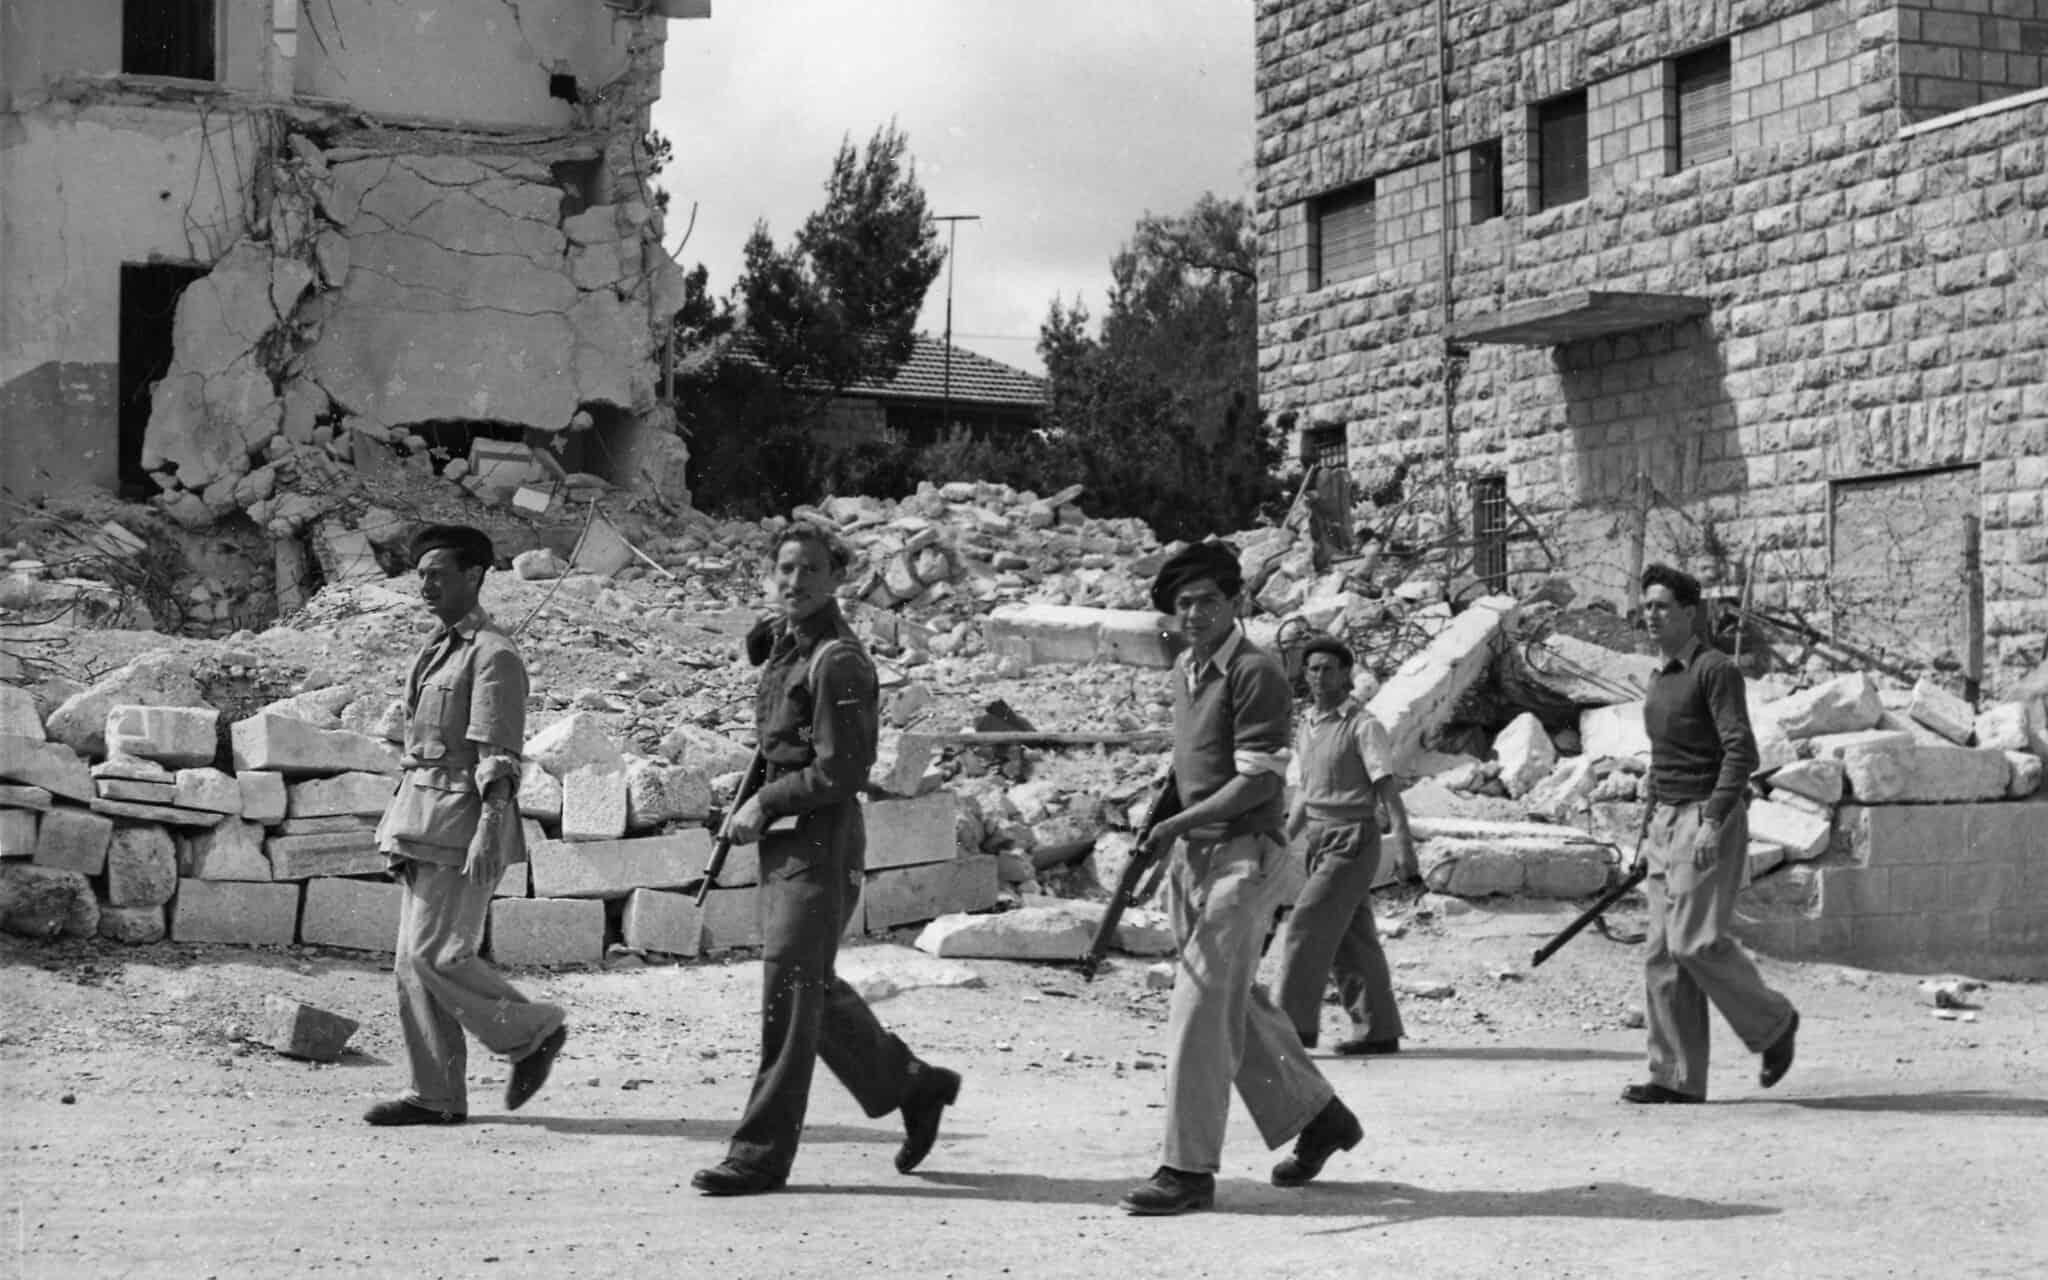 חברי ההגנה מסיירים בשכונת קטמון בירושלים, 6 במאי 1948 (צילום: AP Photo/Pringle)